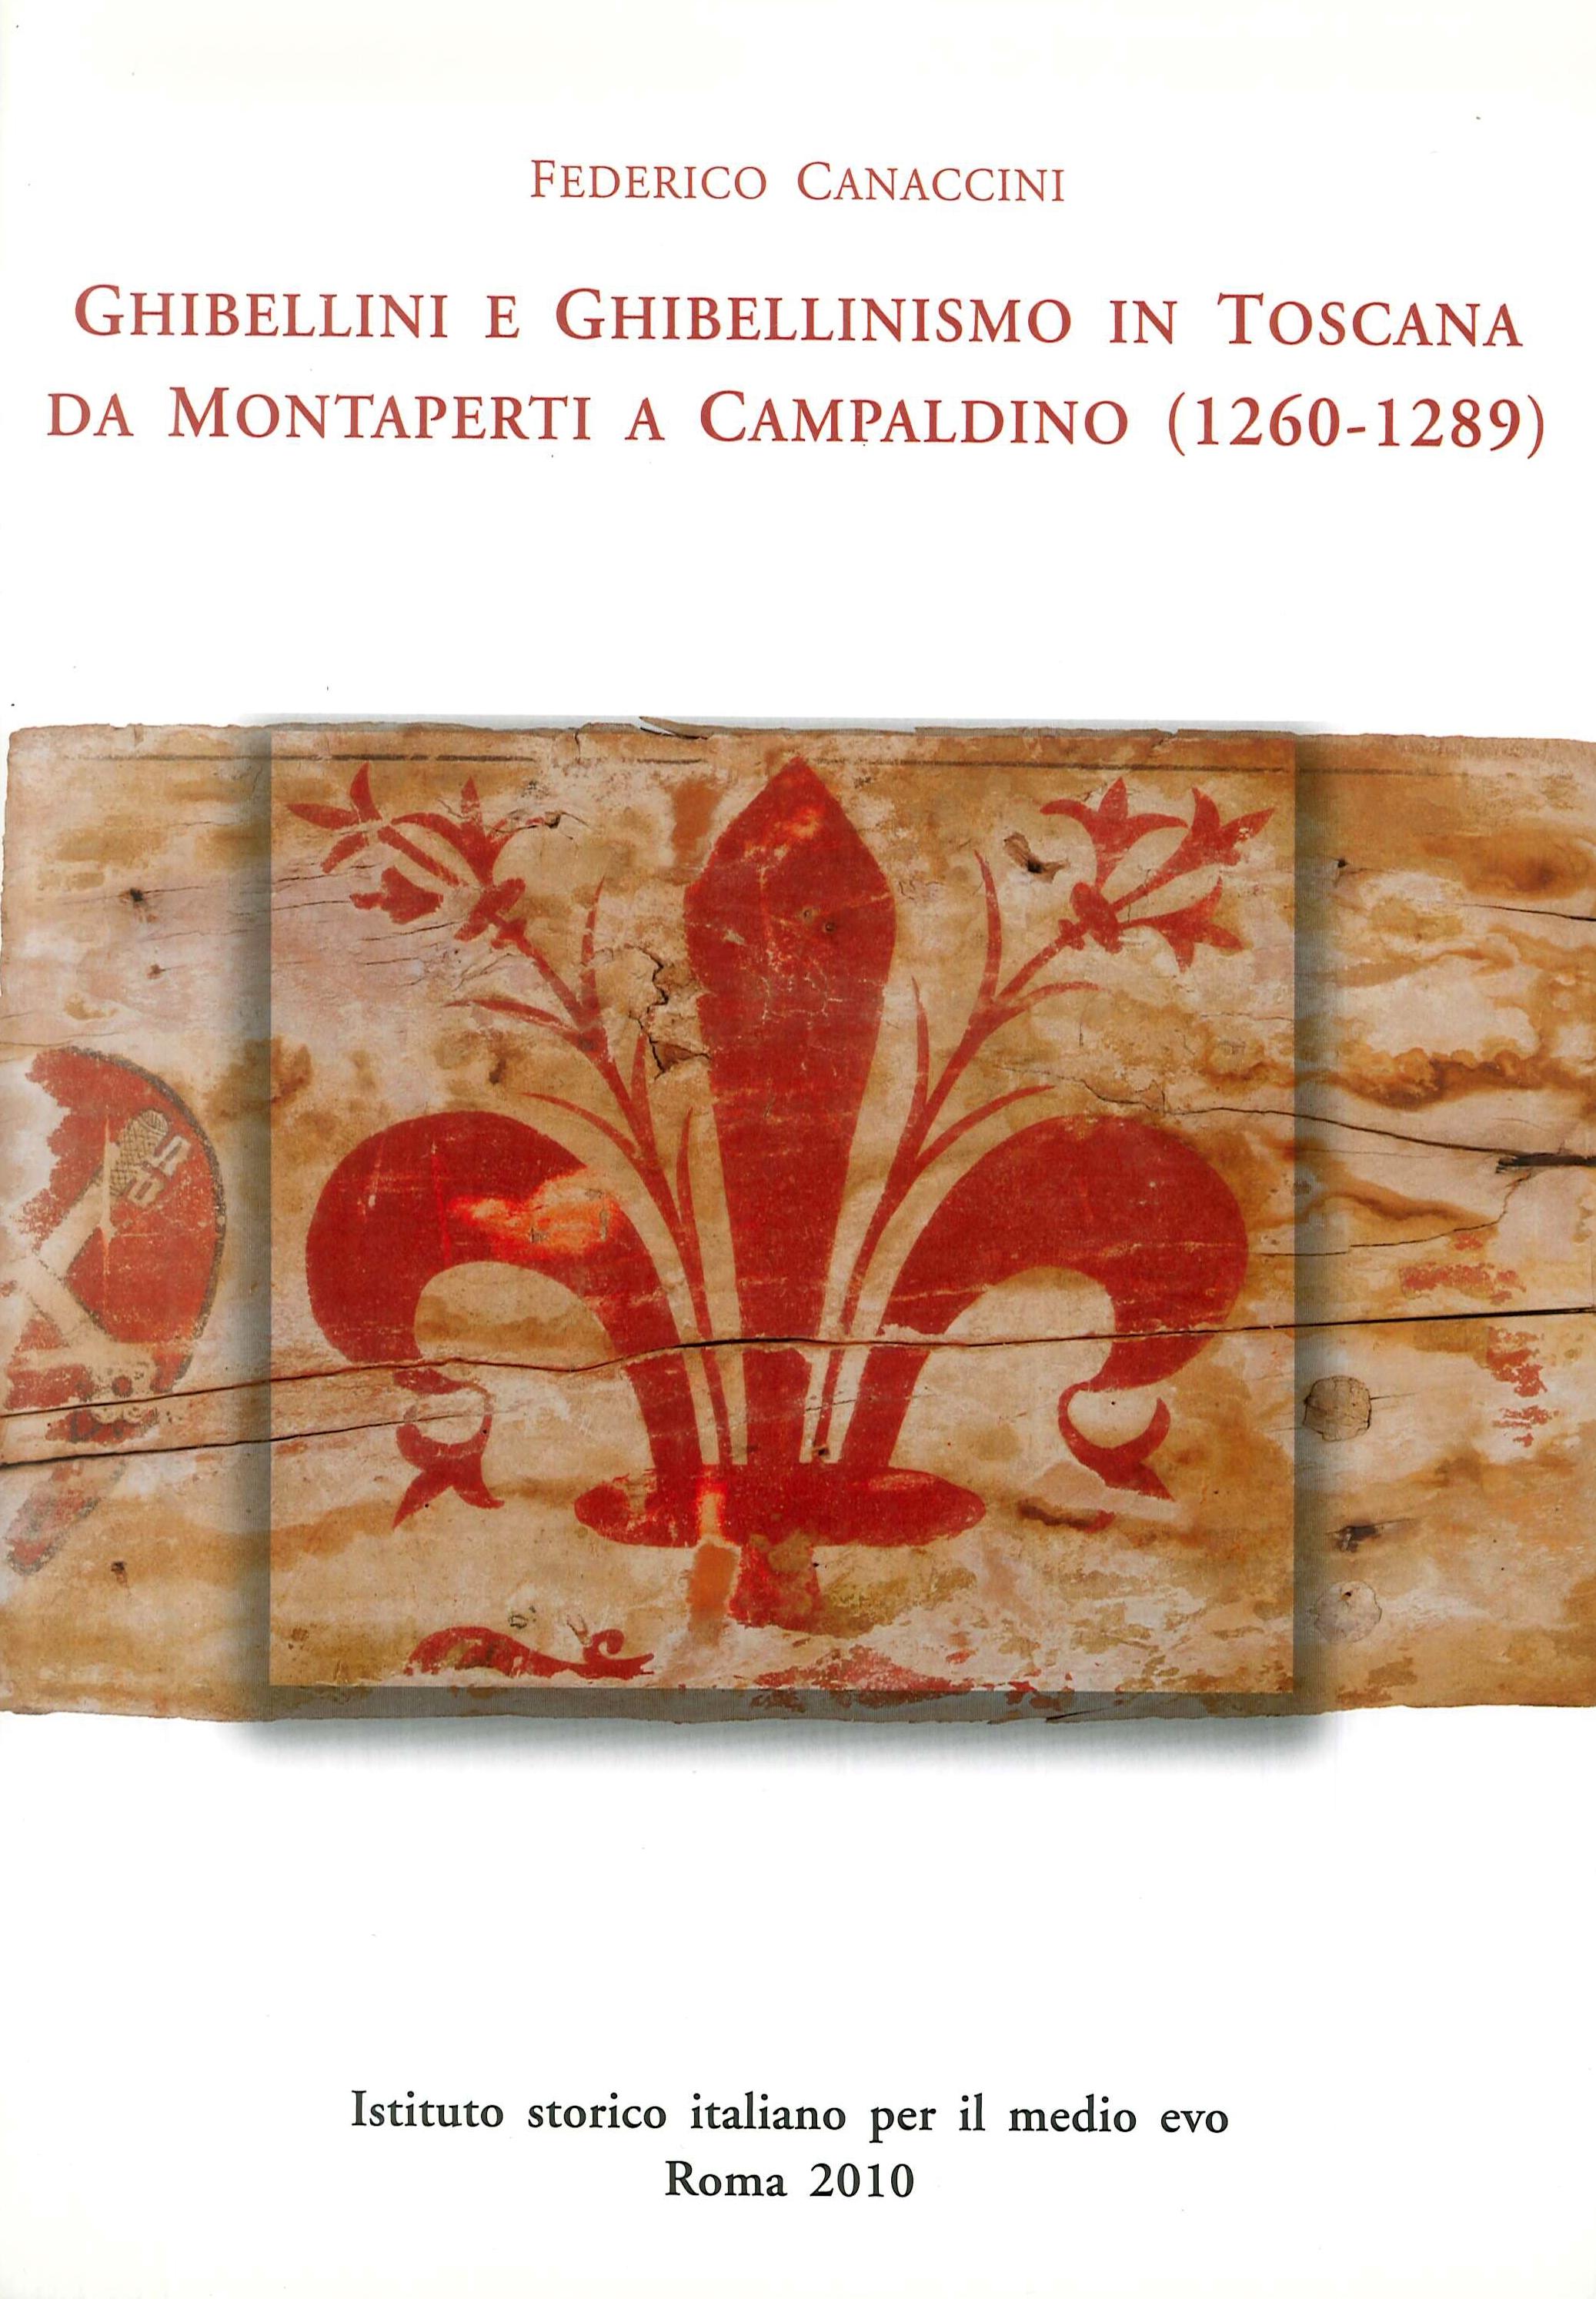 Ghibellini e ghibellinismo in Toscana da Montaperti a Campaldino (1260-1289)